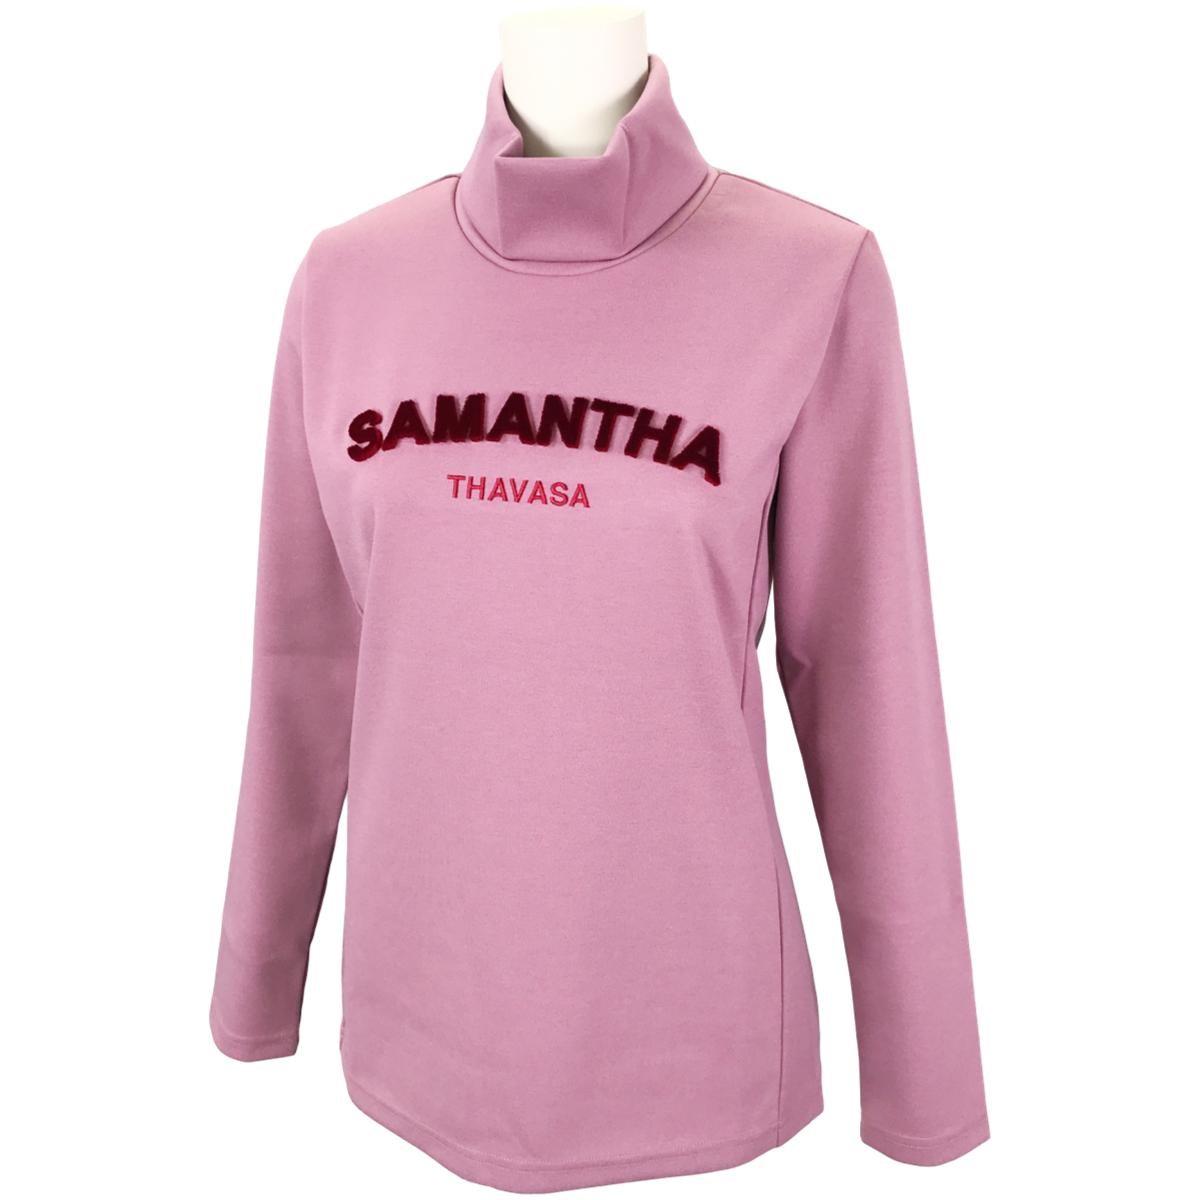 サマンサタバサ Samantha Thavasa UNDER25&No.7 フロントロゴ長袖ハイネックシャツ 36 ピンク レディス